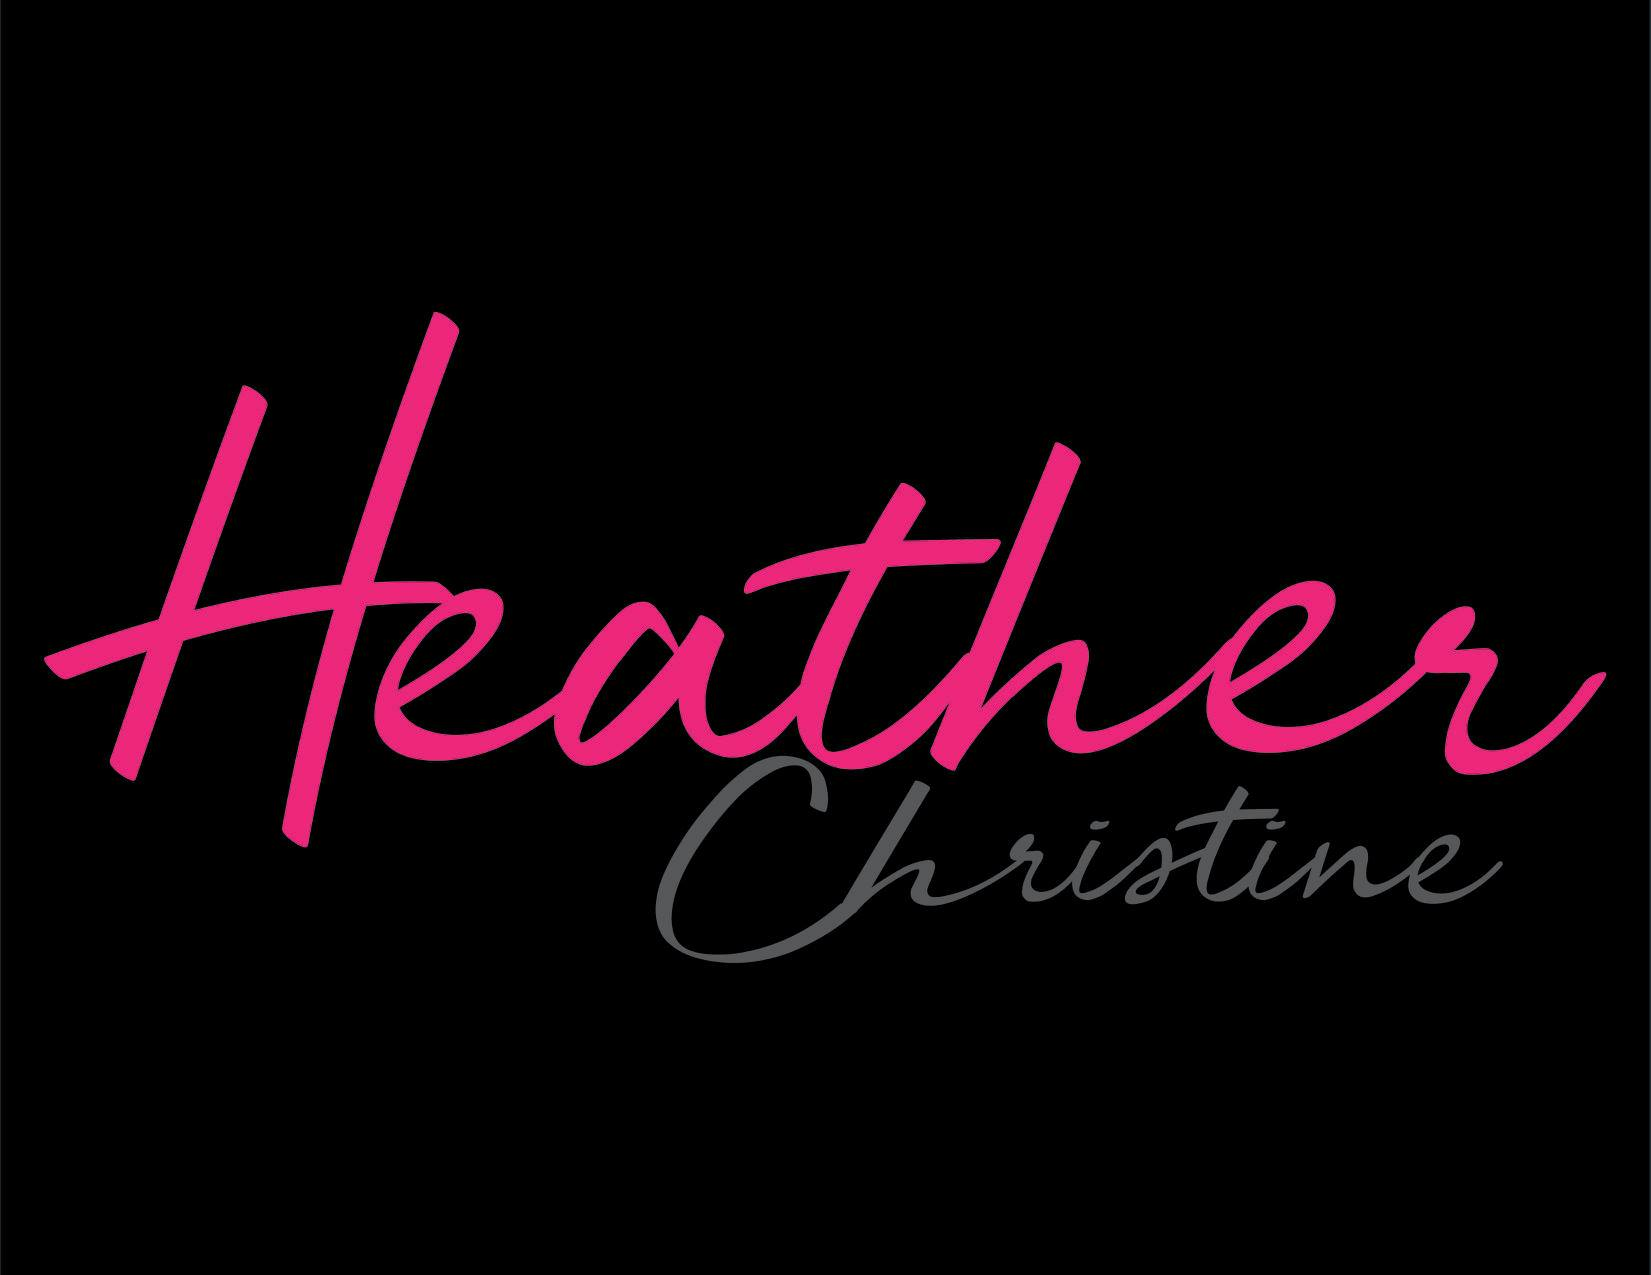 Heather Christine